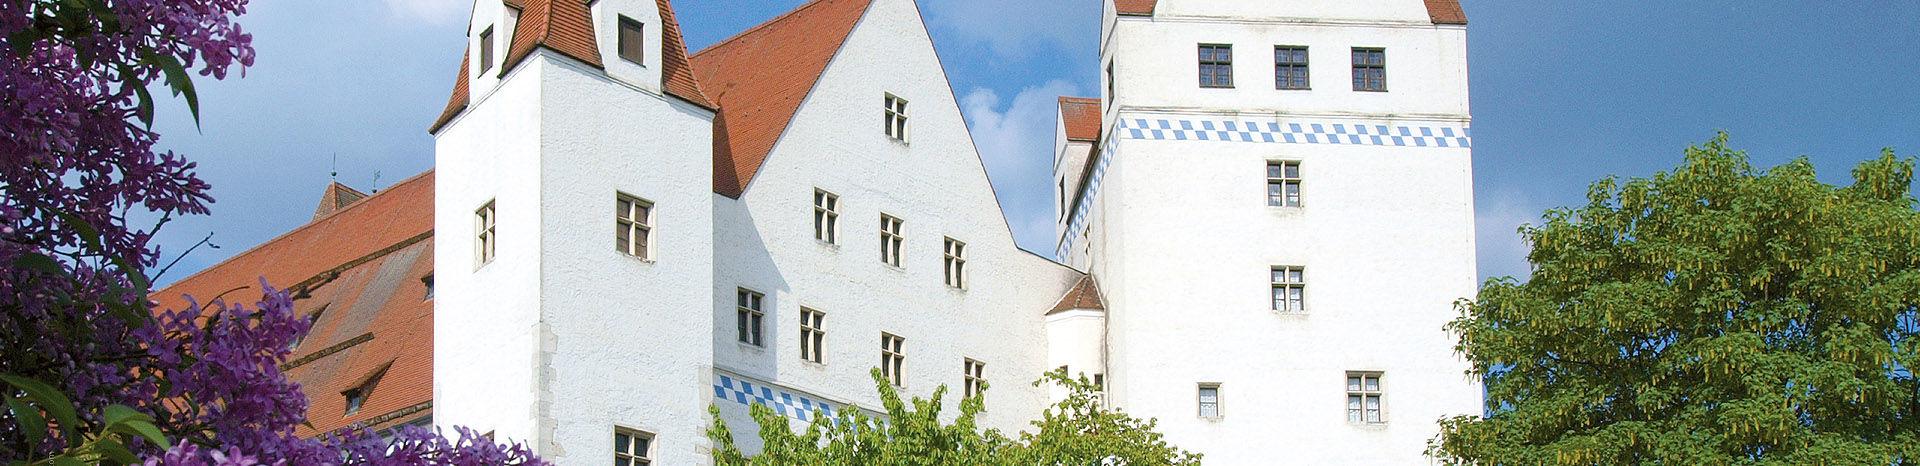 Oldtimer Hotel Freizeit Und Tourismus In Ingolstadt